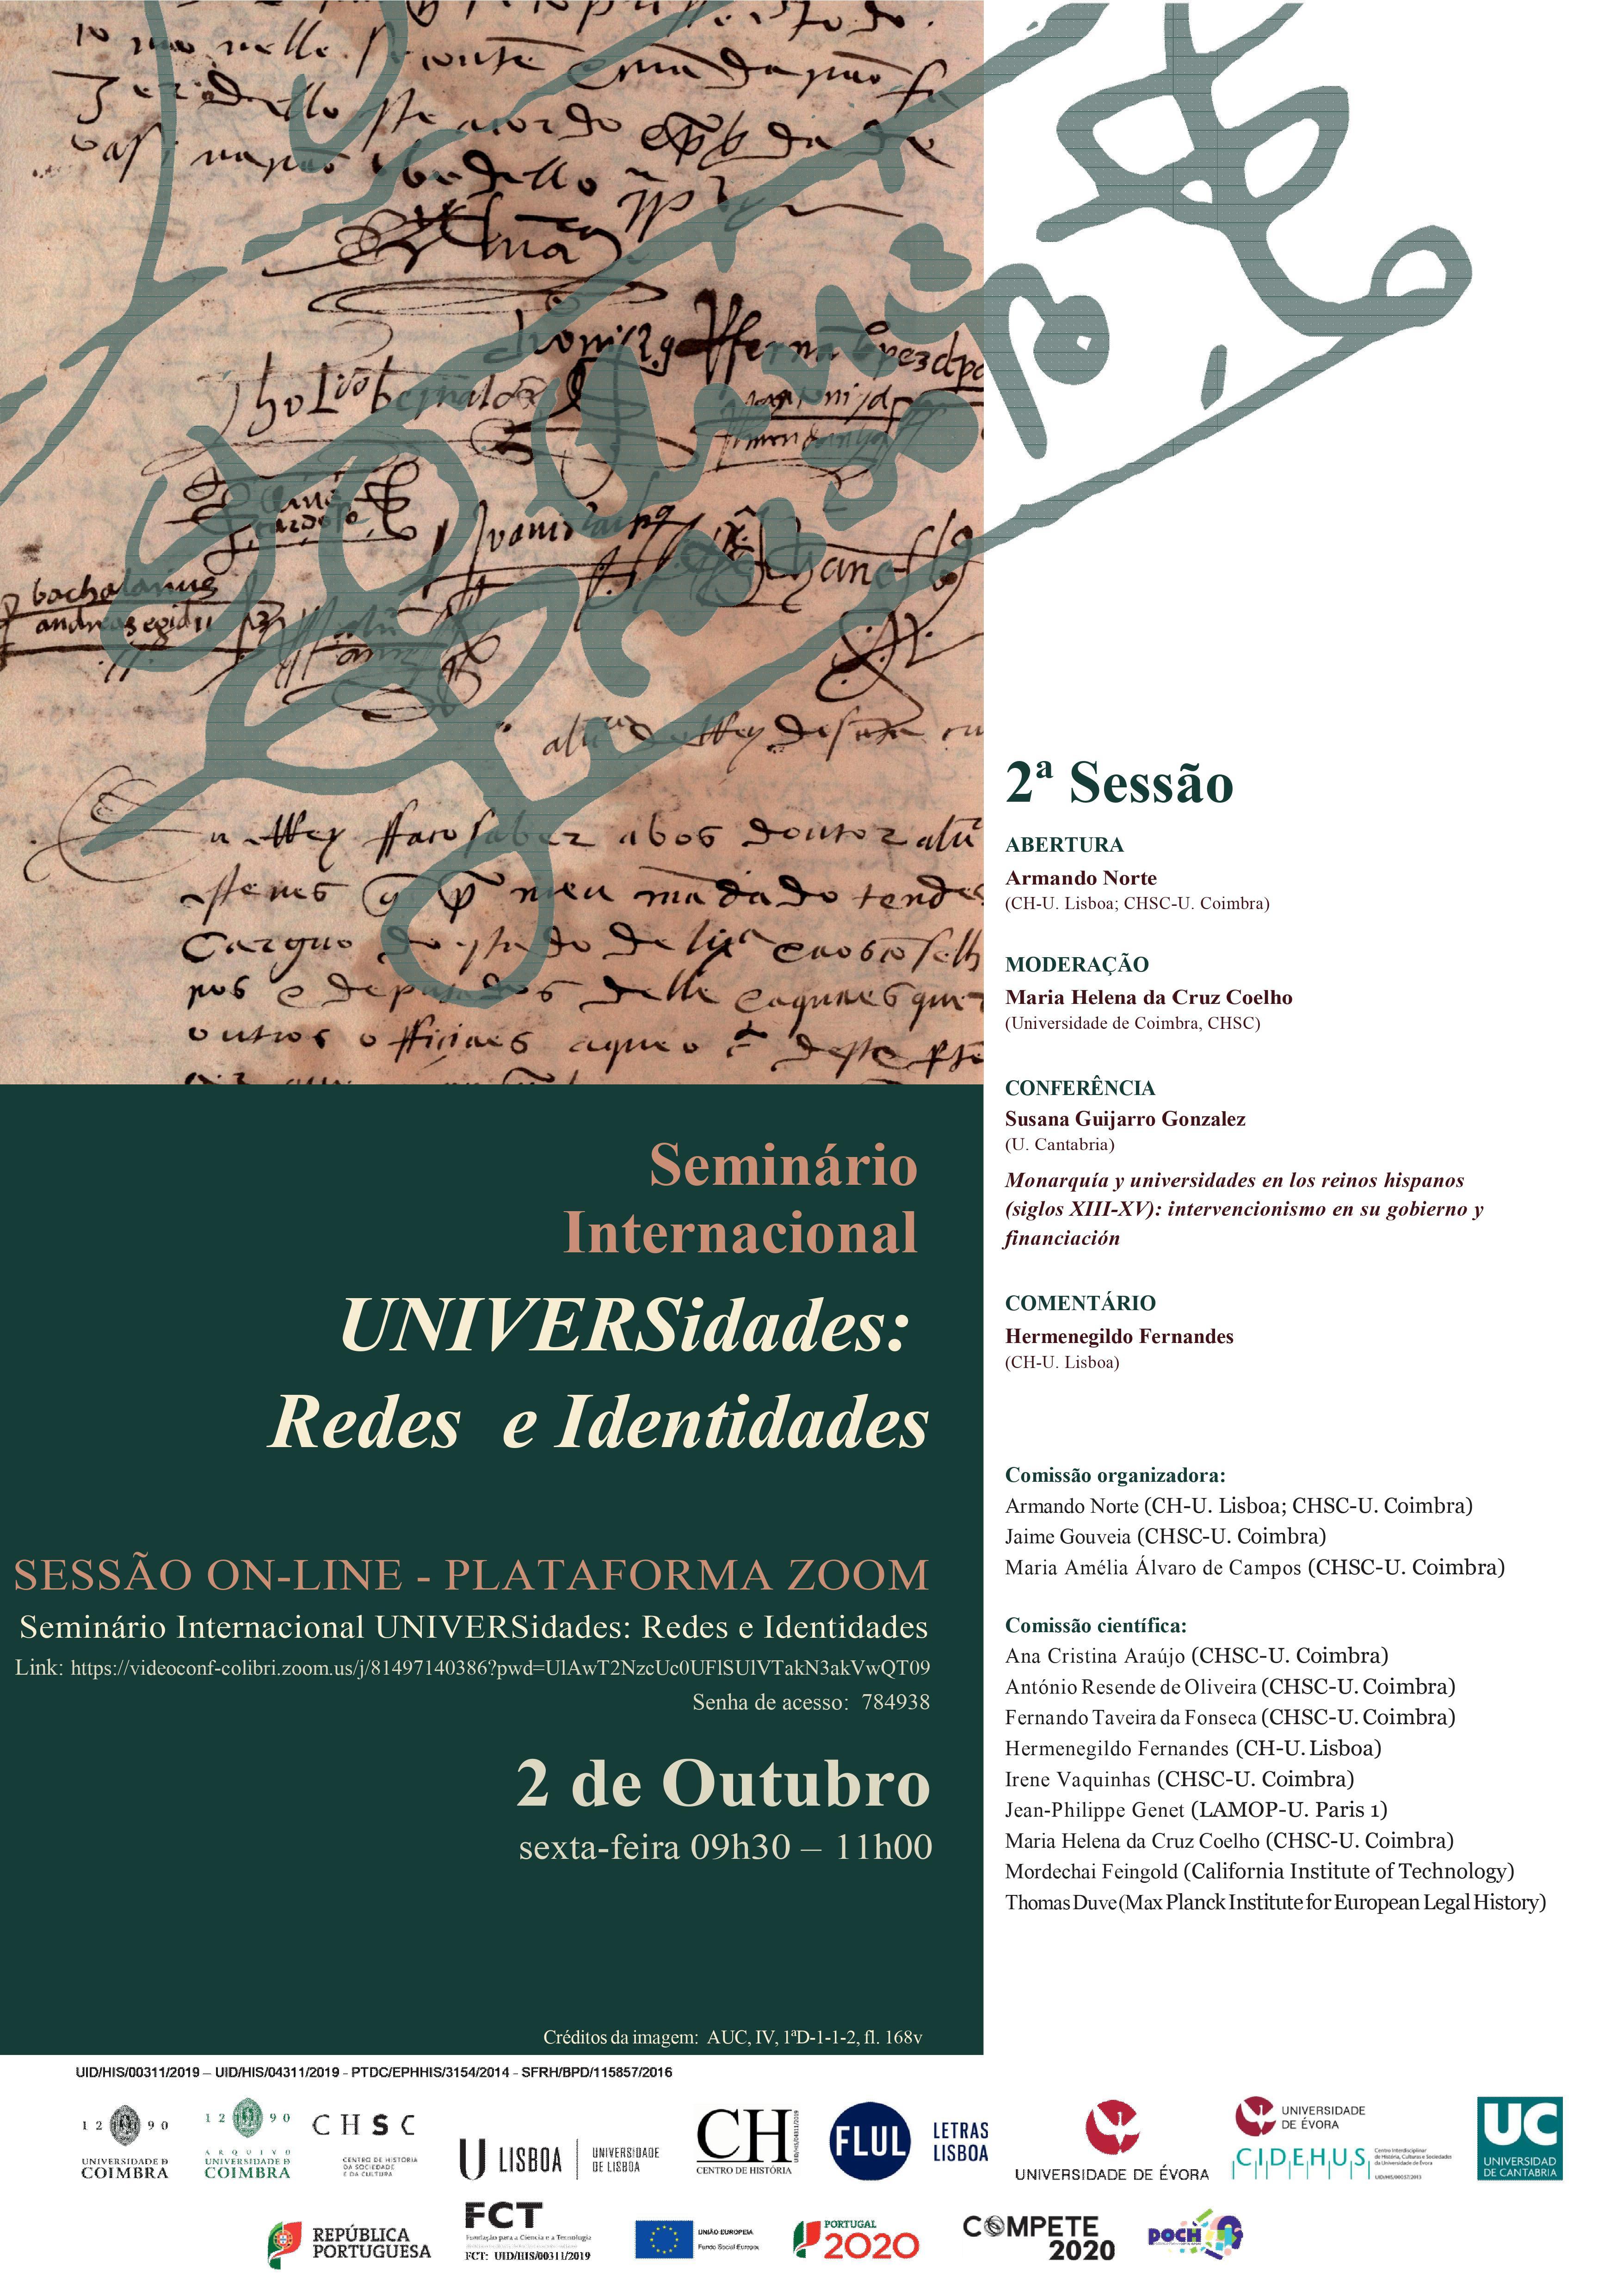 Seminário Internacional UNIVERSidades: redes e identidades – 2.ª SESSÃO